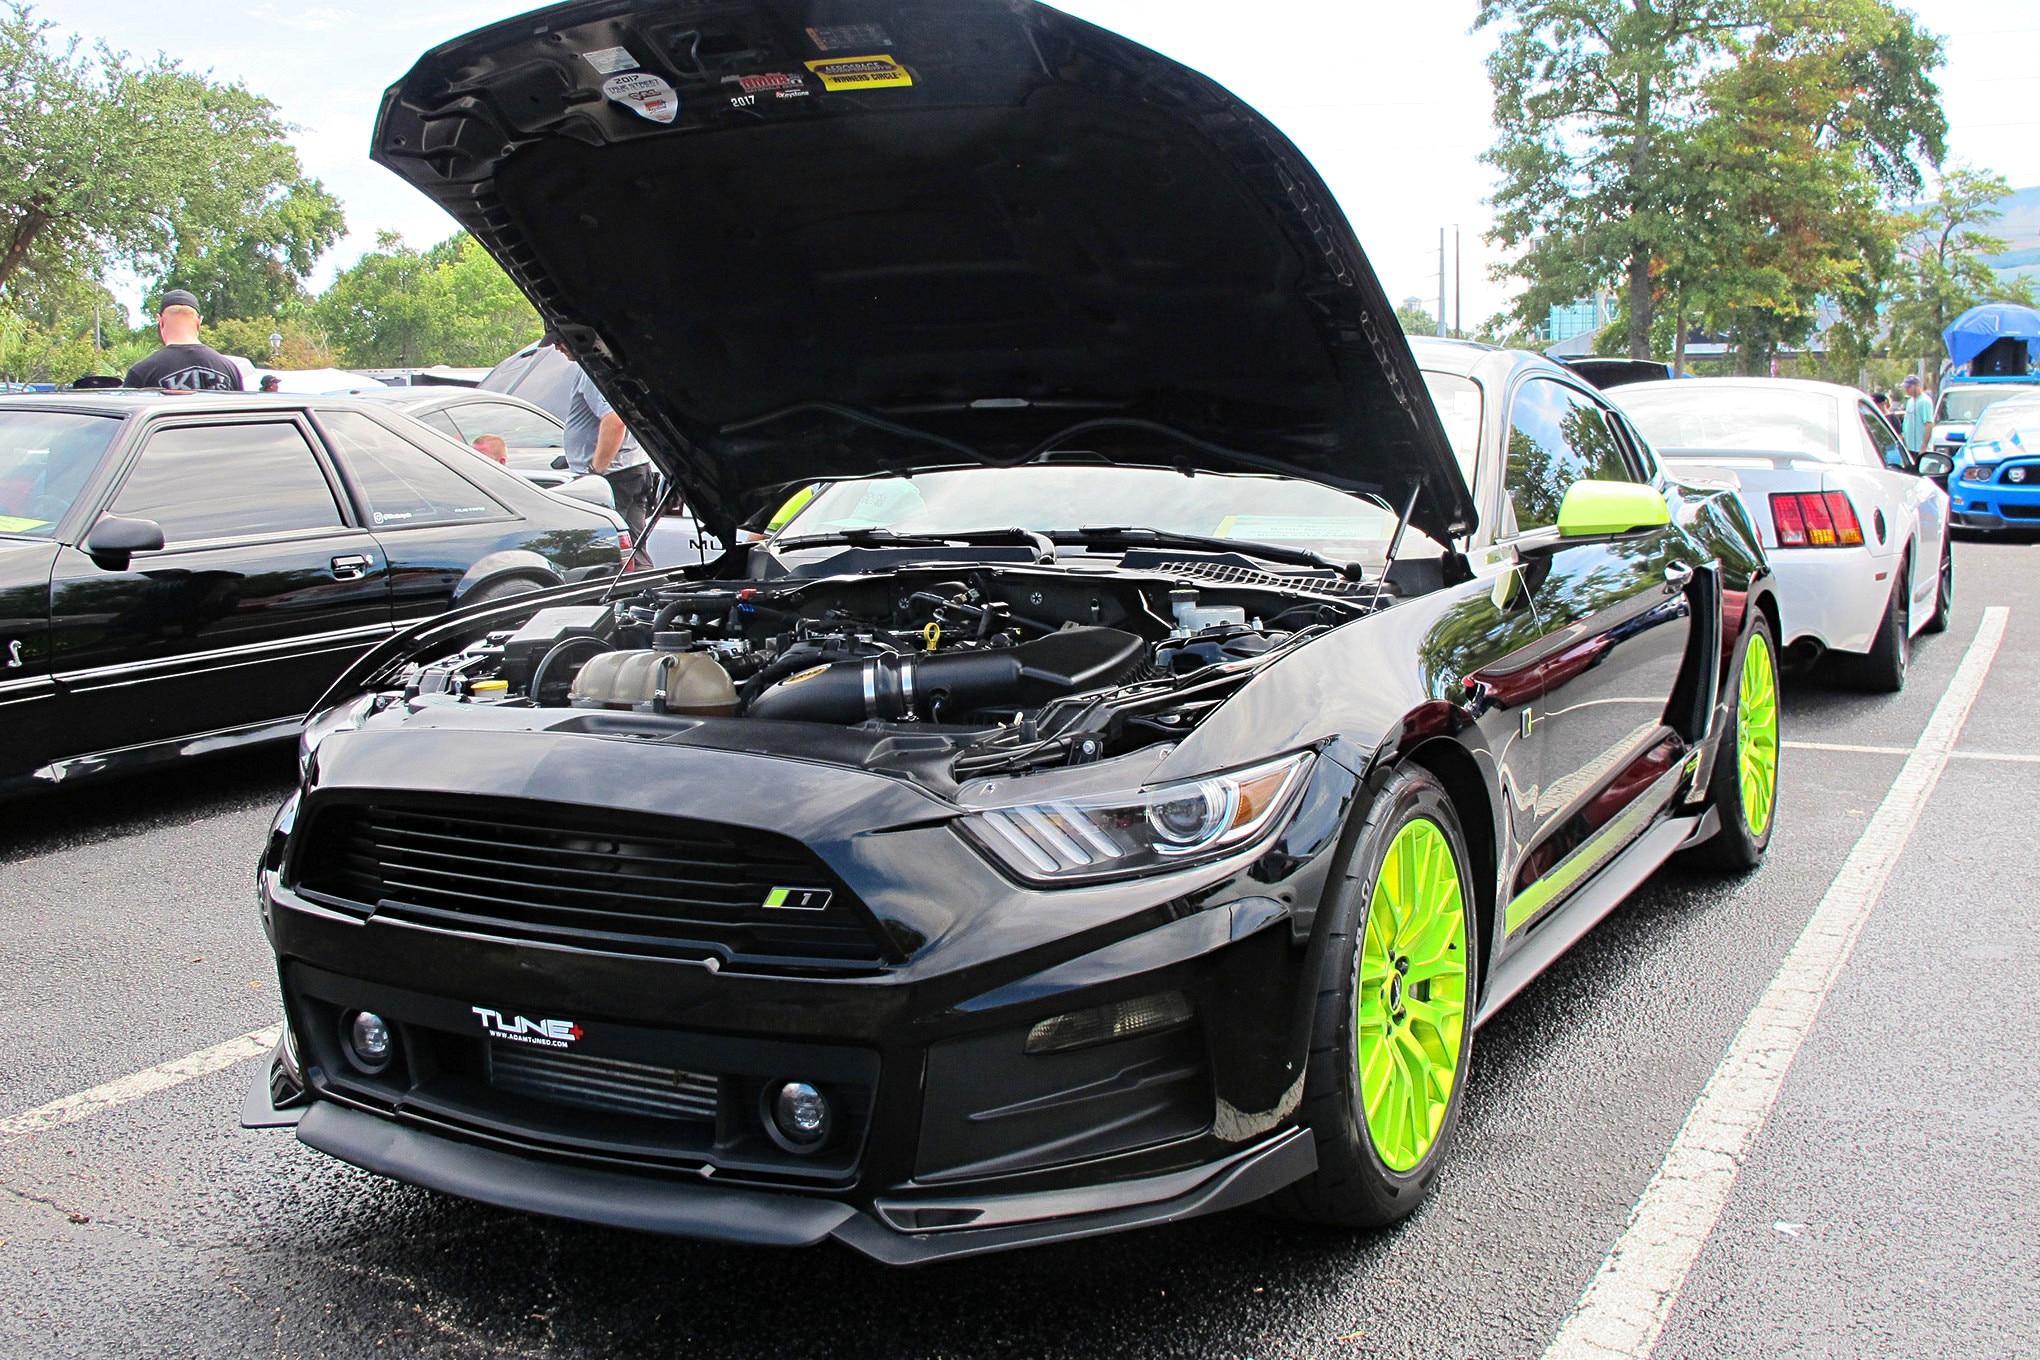 006 2018 Mustang Week S550 Mustangs